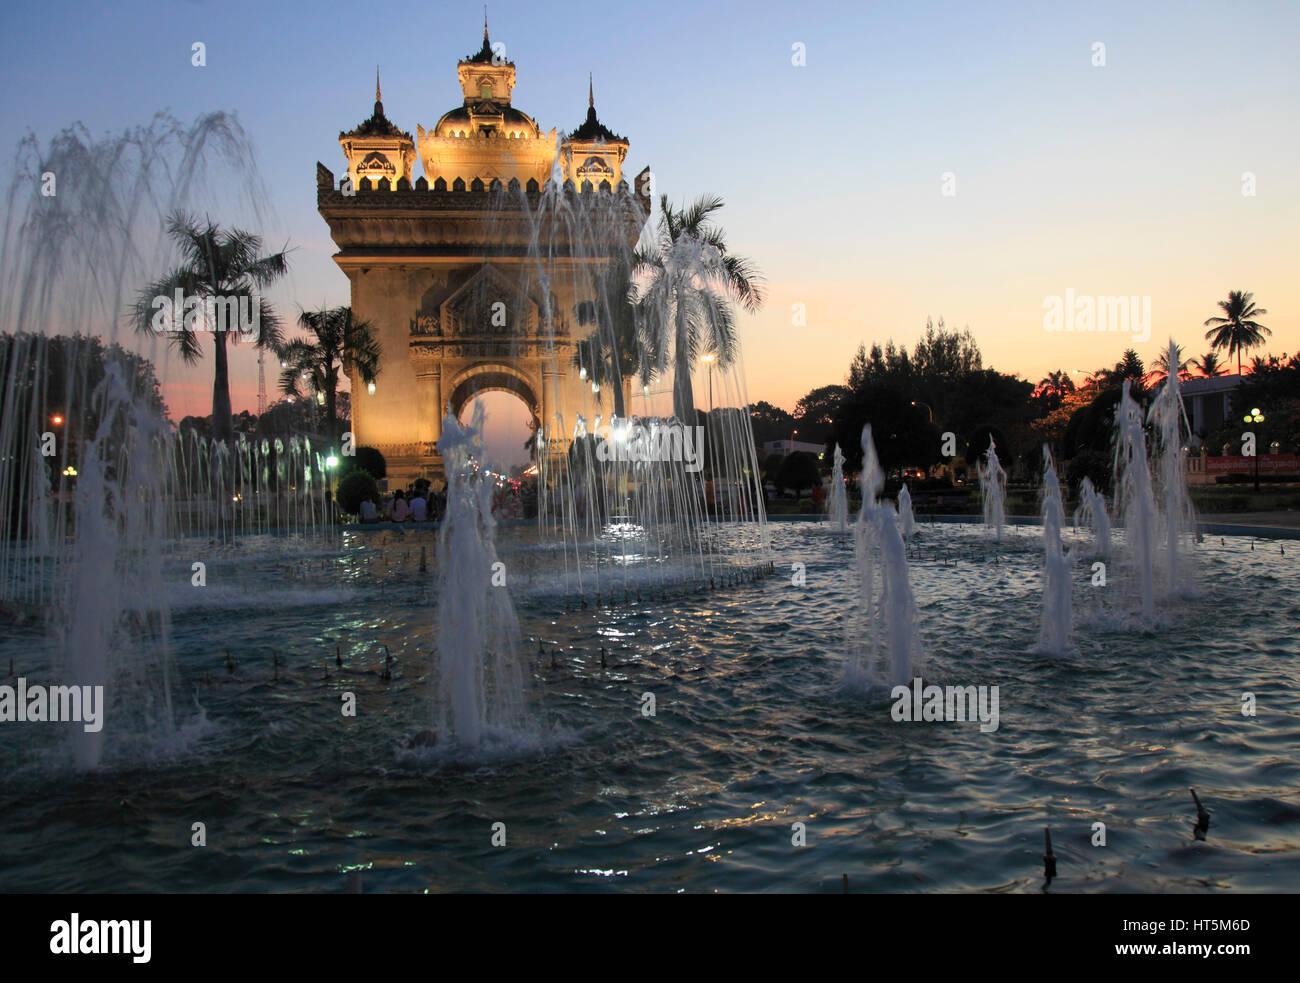 Laos, Vientiane, Patuxai Monument, - Stock Image